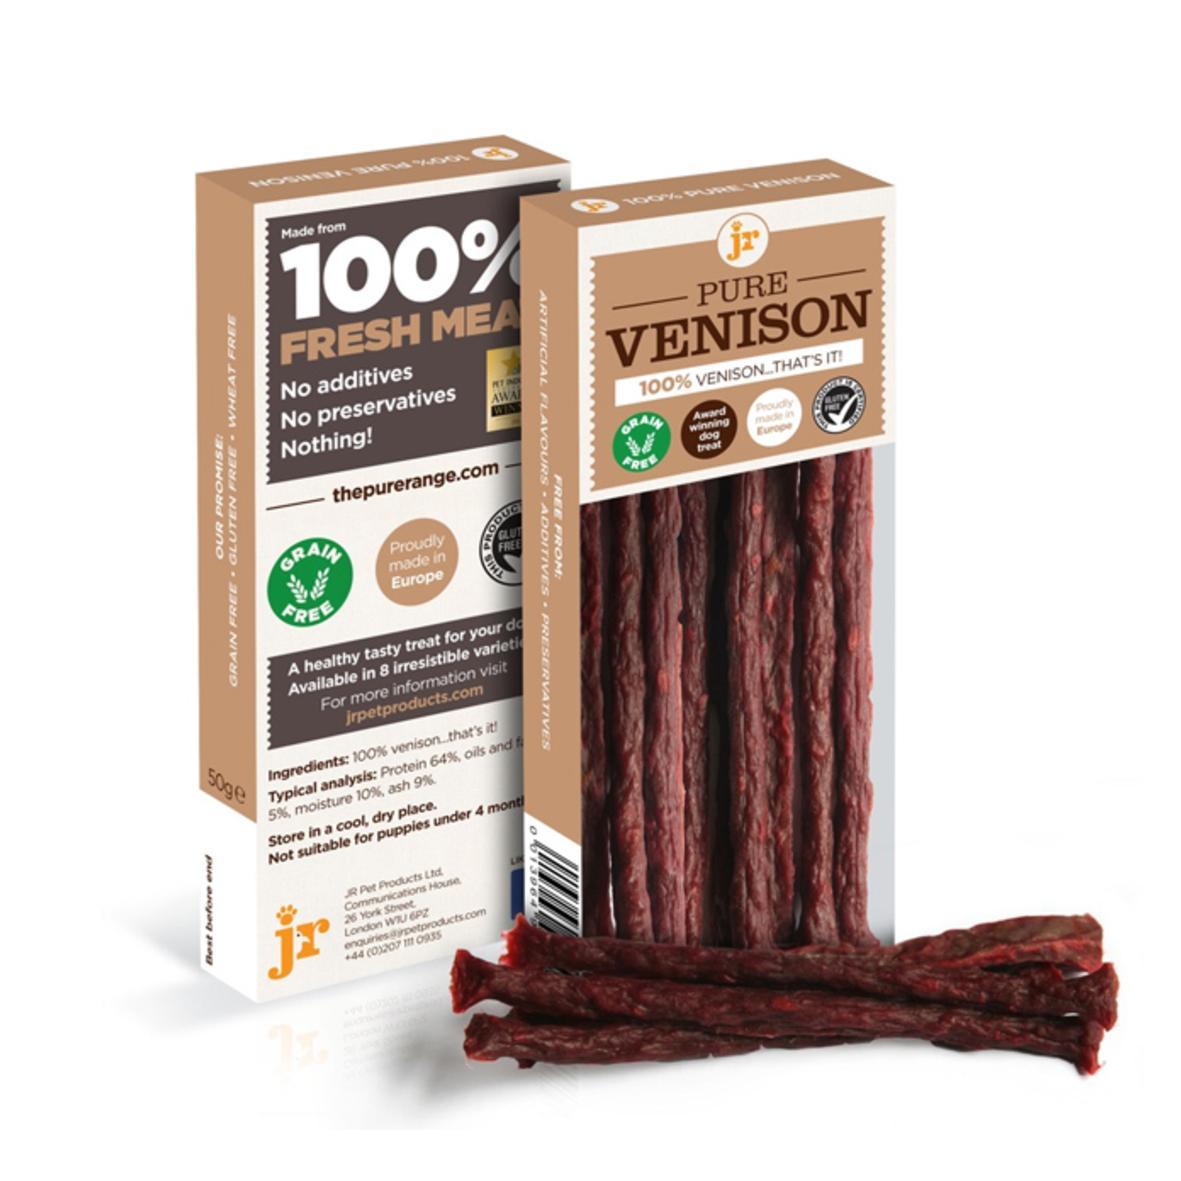 JR Pure Venison Sticks 50gm